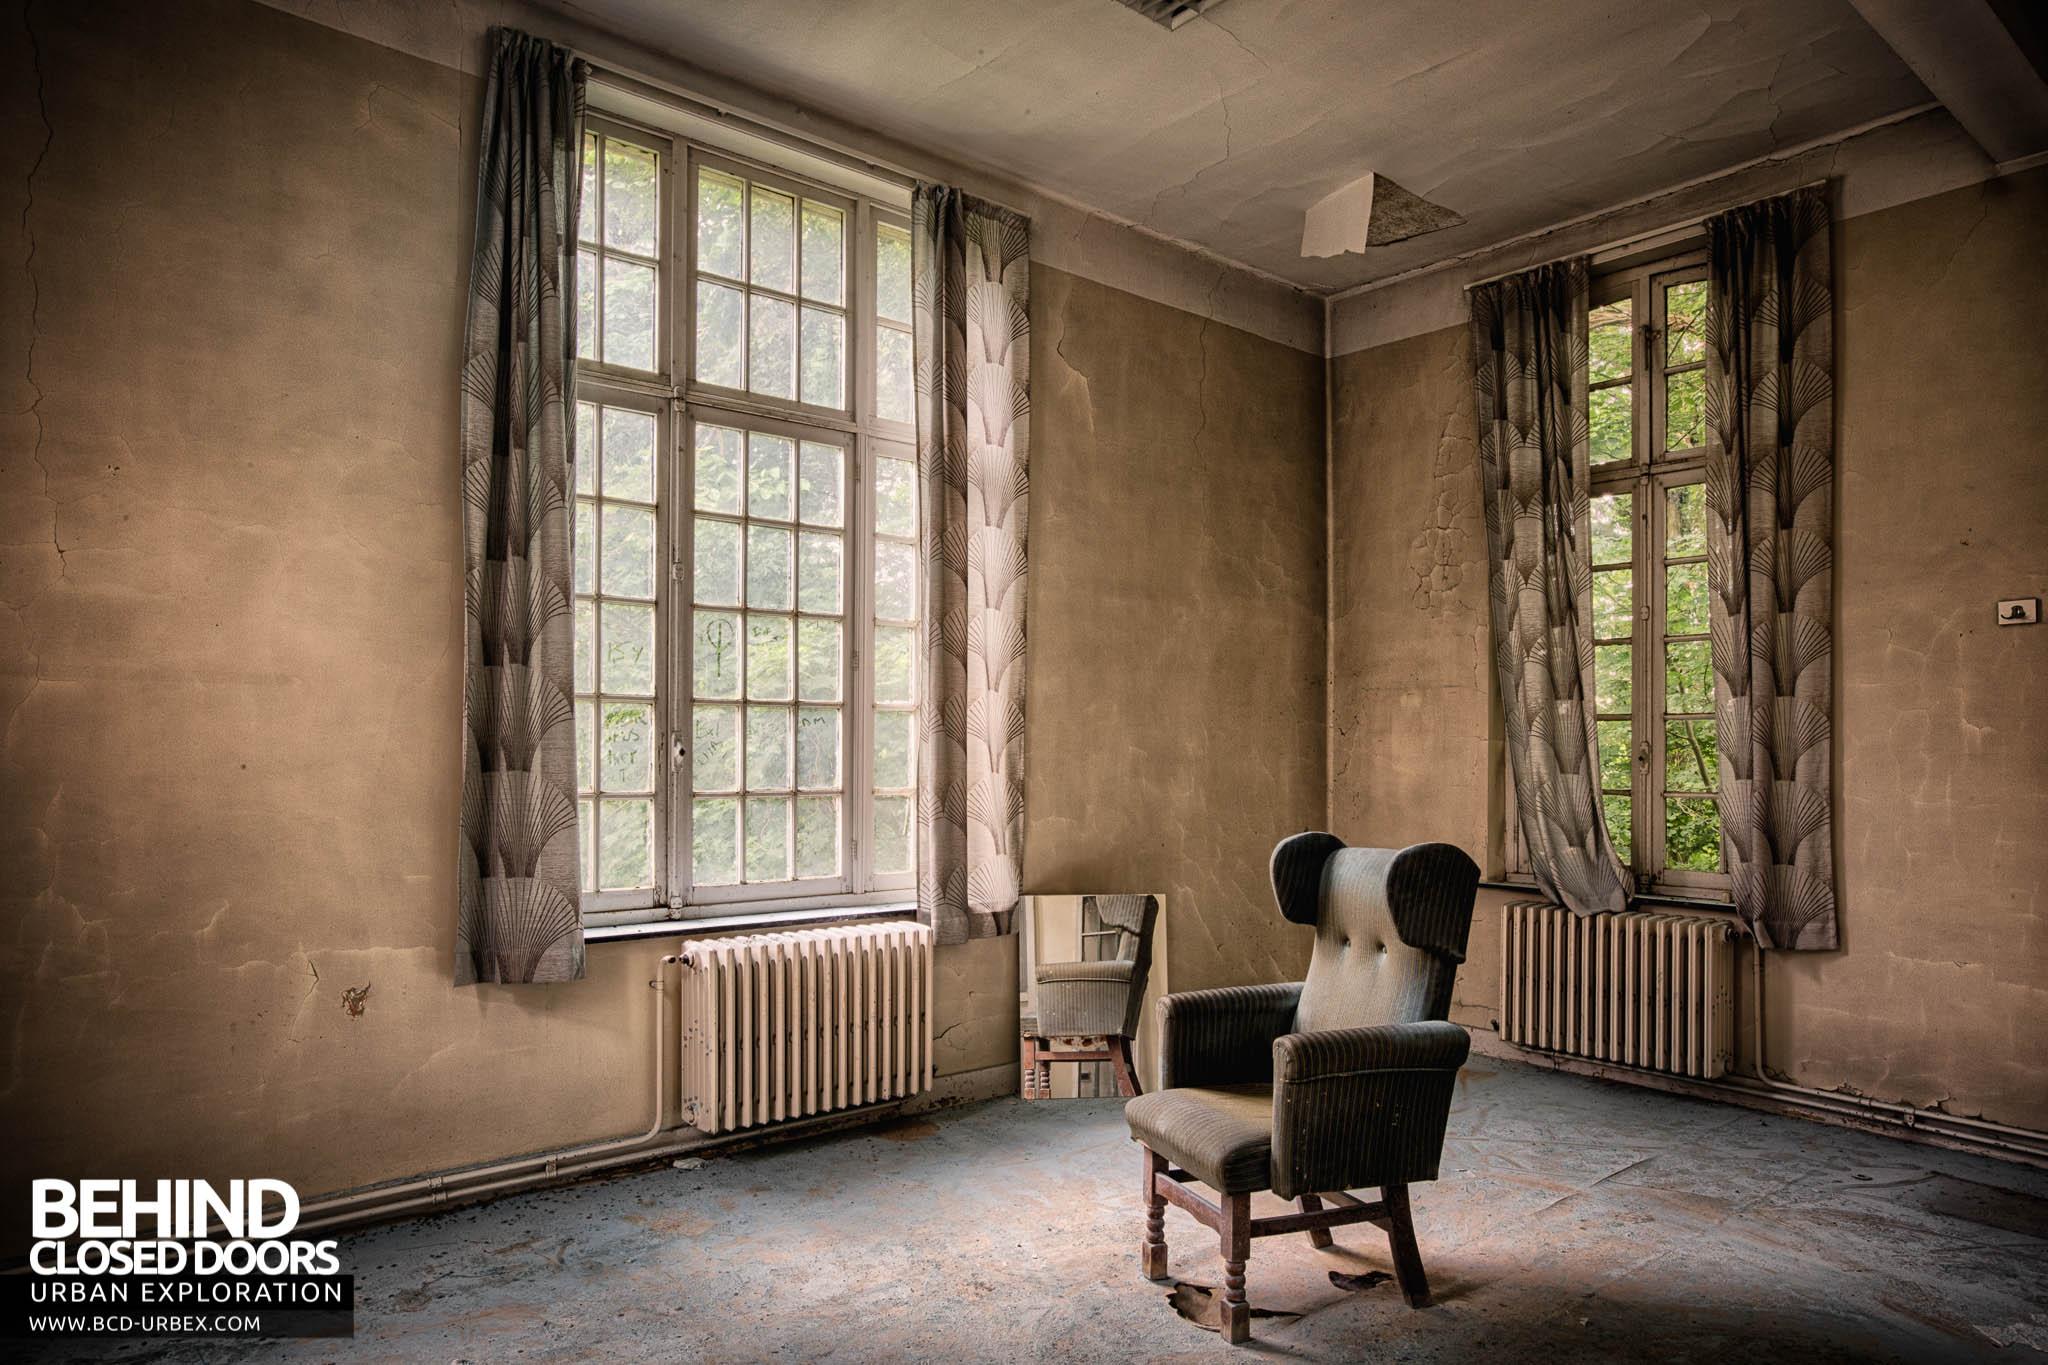 Behind Closed Doors : Sanatorium salve mater belgium urbex behind closed